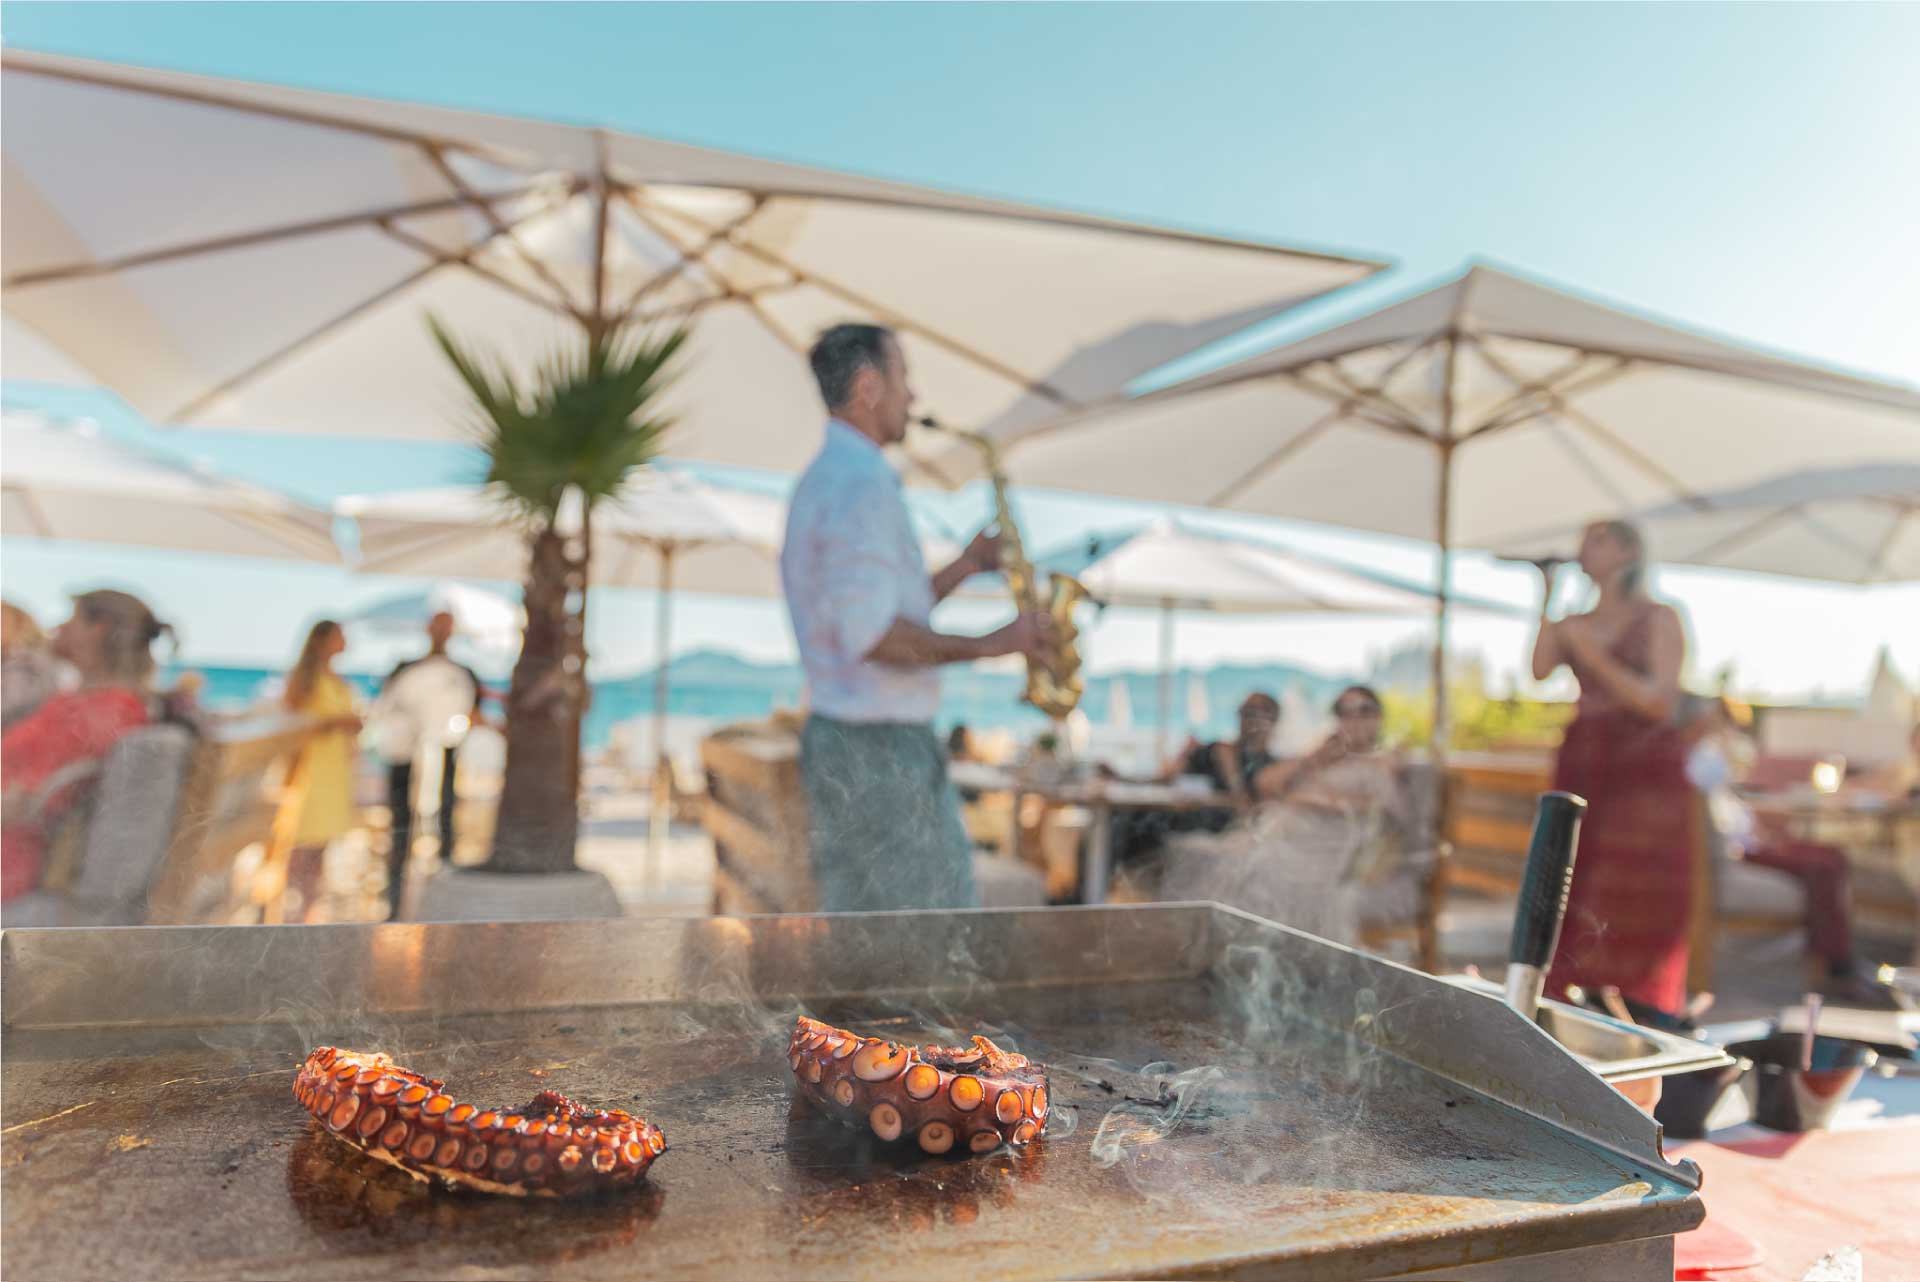 Miramar-plage-restaurant-gastronomique-cannes-entreprise-7